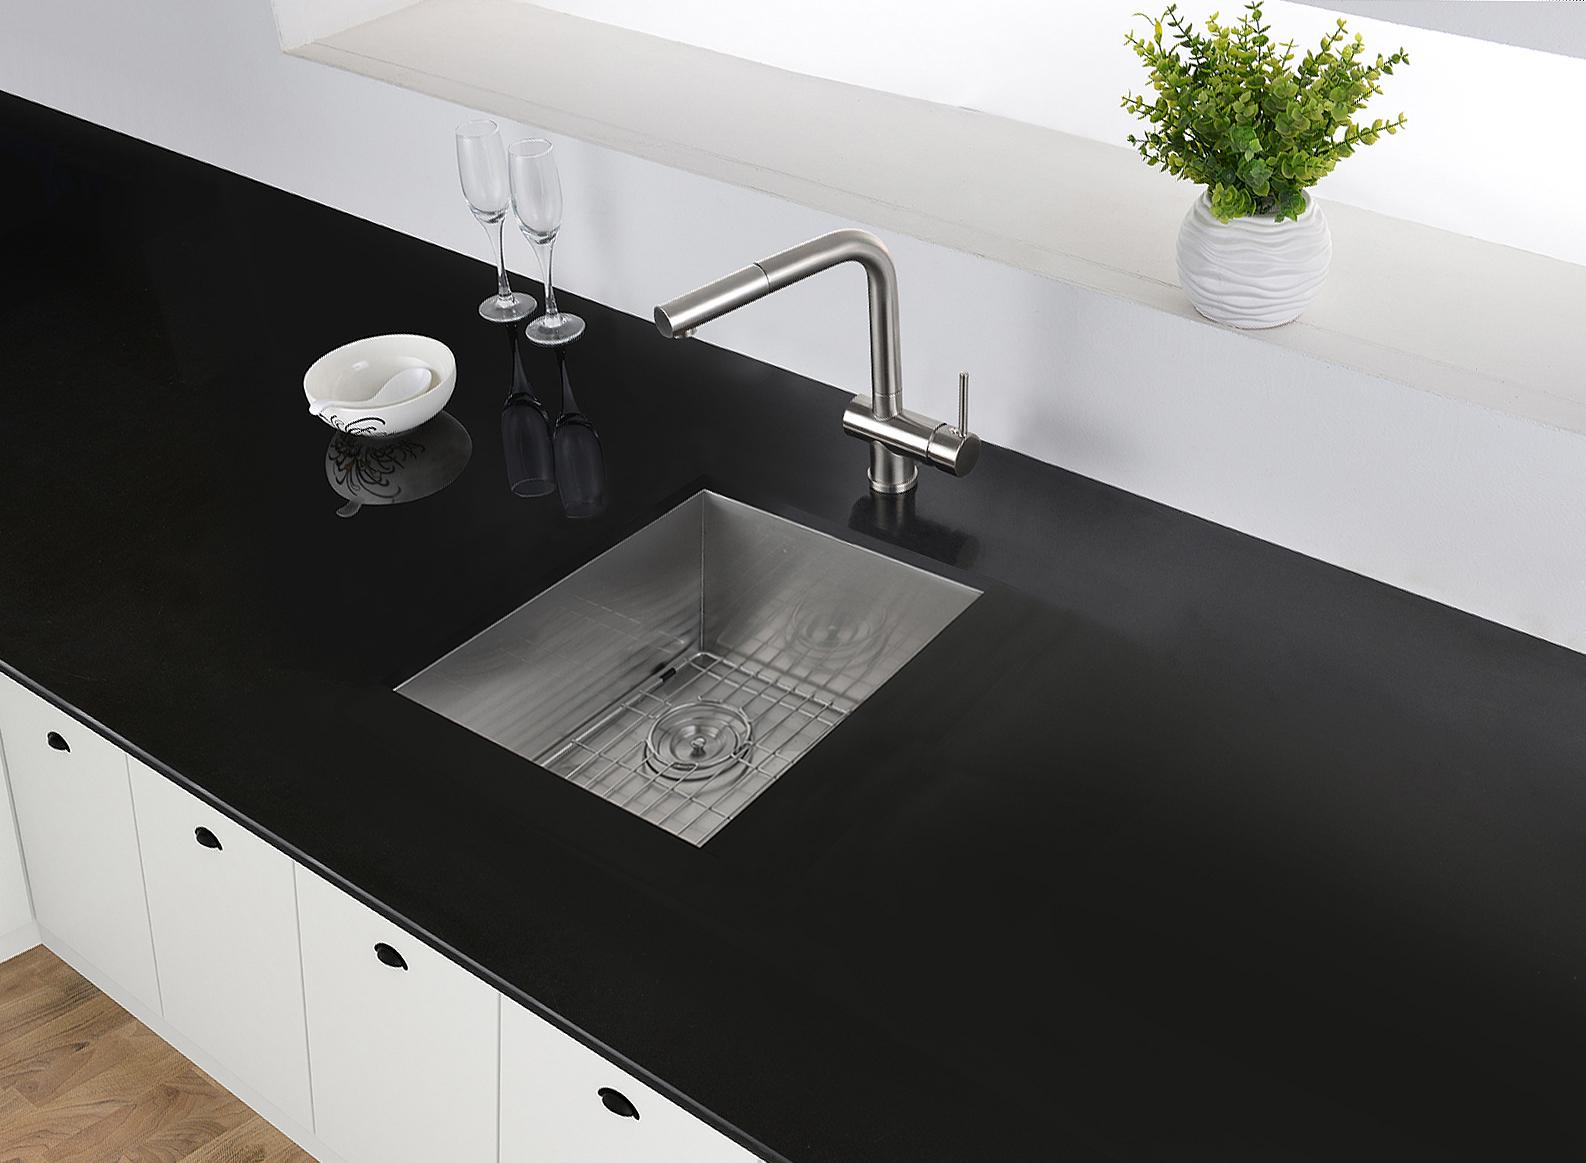 13 x 15 inch Undermount 16 Gauge Zero Raduis Bar Prep Kitchen Sink  Stainless Steel Single Bowl